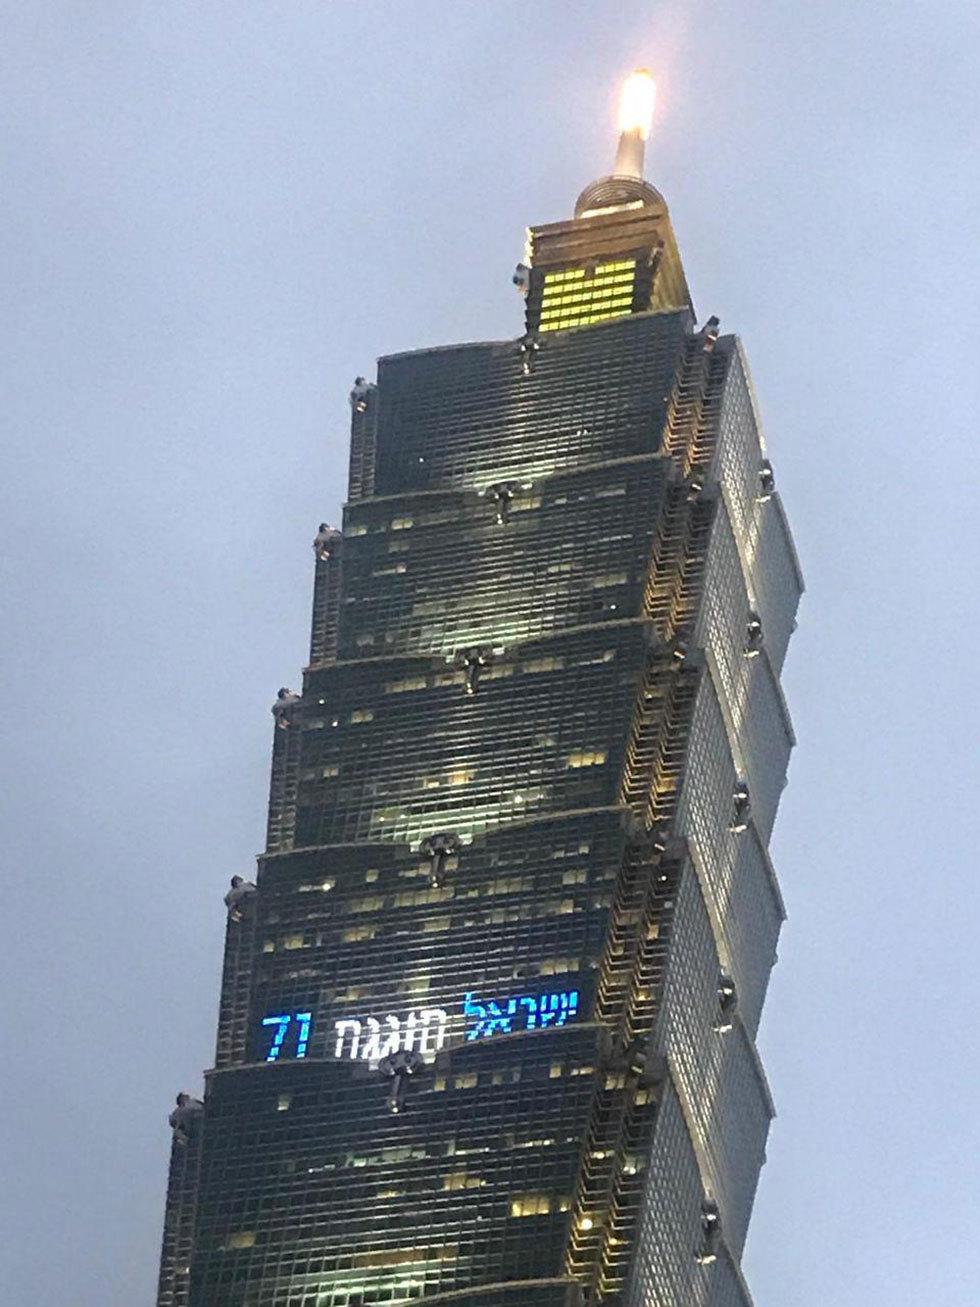 בניין טייפה 101 של טיוואן מואר  ()